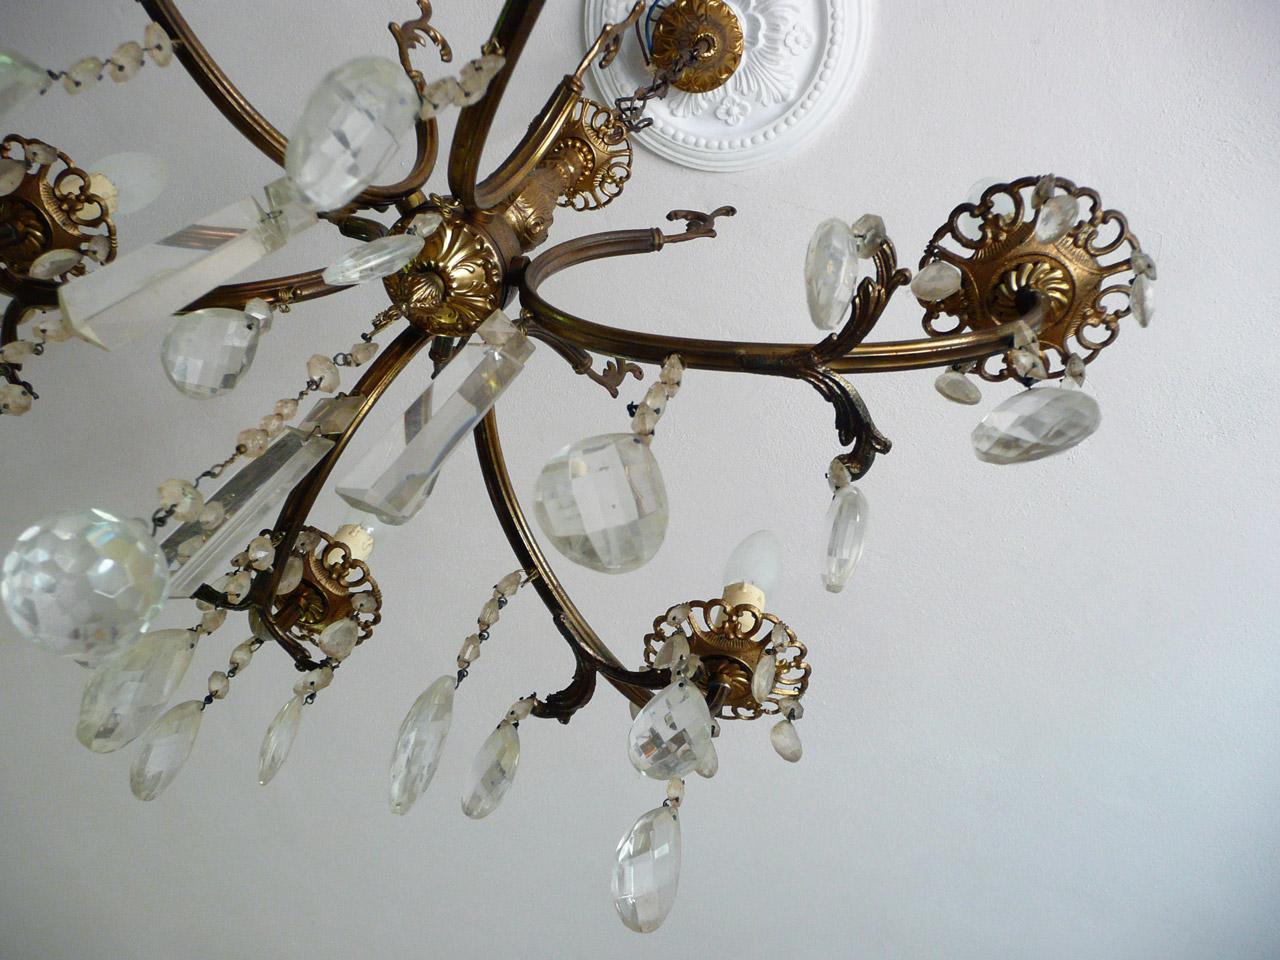 Sogni di cristallo offre un'ampia scelta di lampadari di murano classici, moderni e di design. Rinnovare Un Lampadario Vintage A Gocce